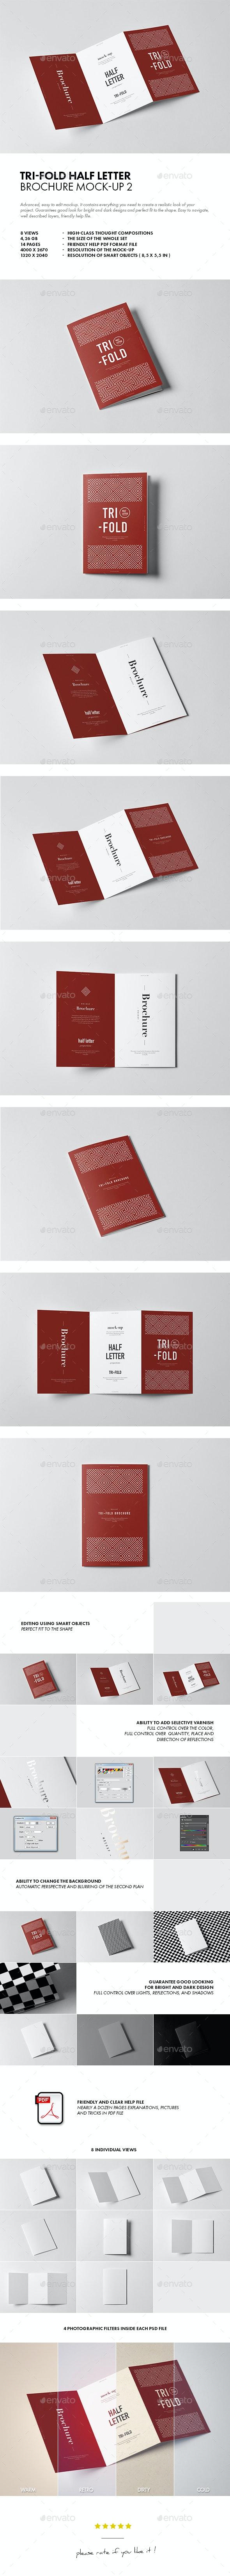 Tri-Fold Half Letter Brochure Mock-up 2 - Brochures Print